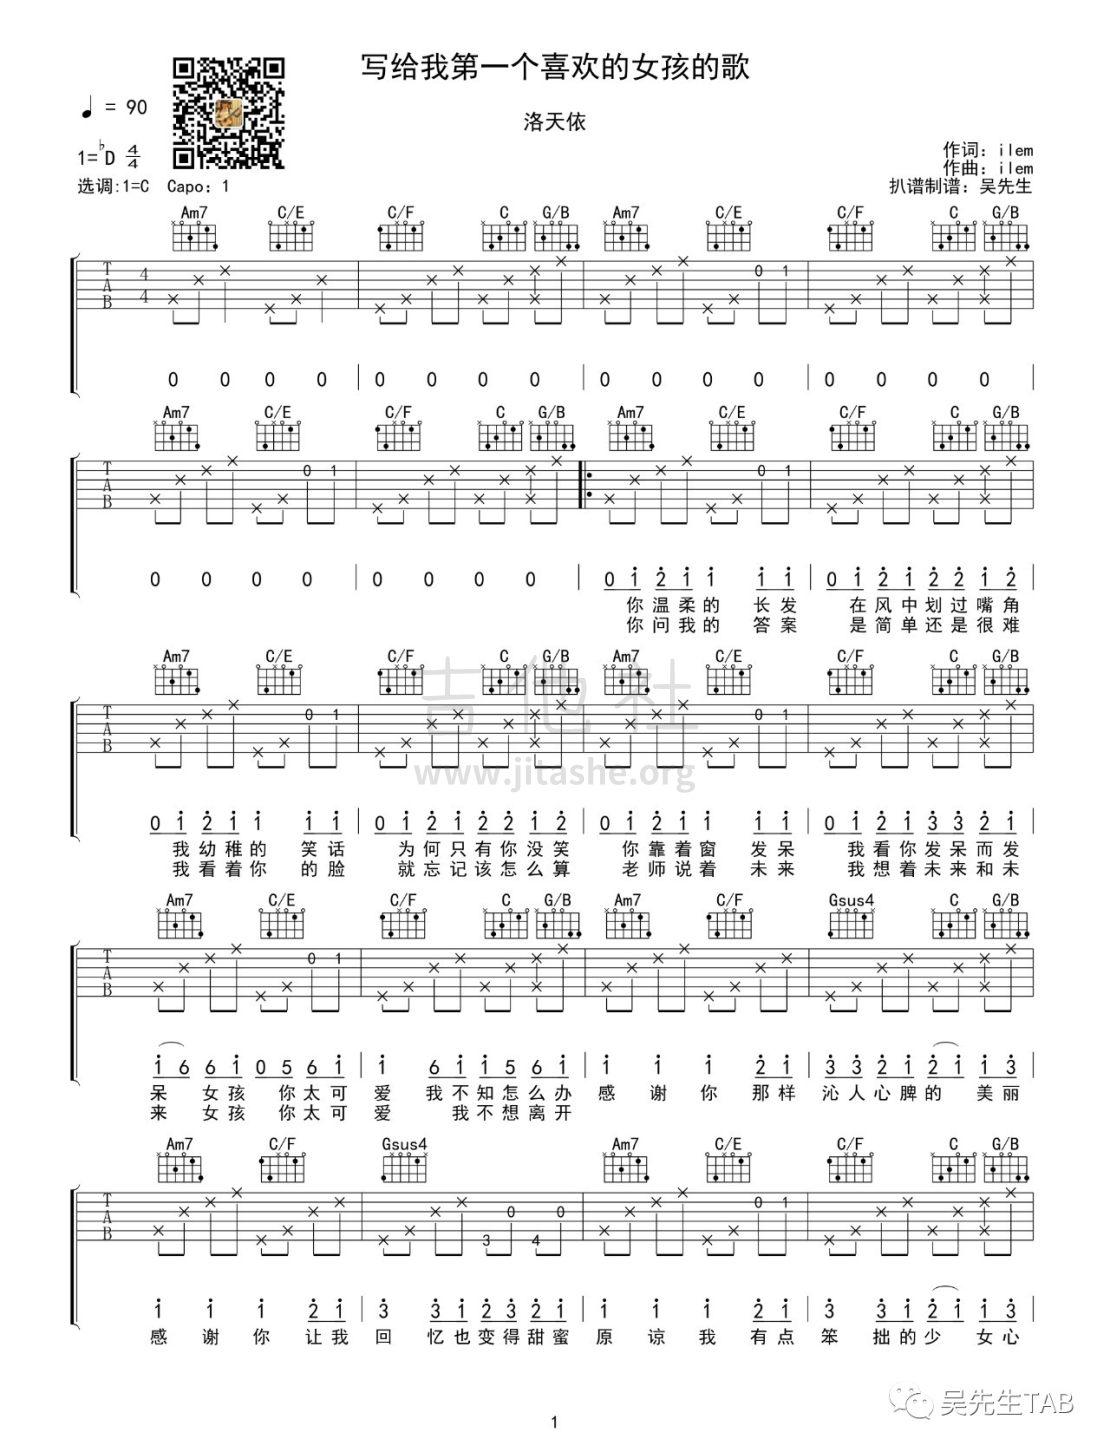 写给我第一个喜欢的女孩的歌吉他谱(图片谱,弹唱)_洛天依_01.jpg